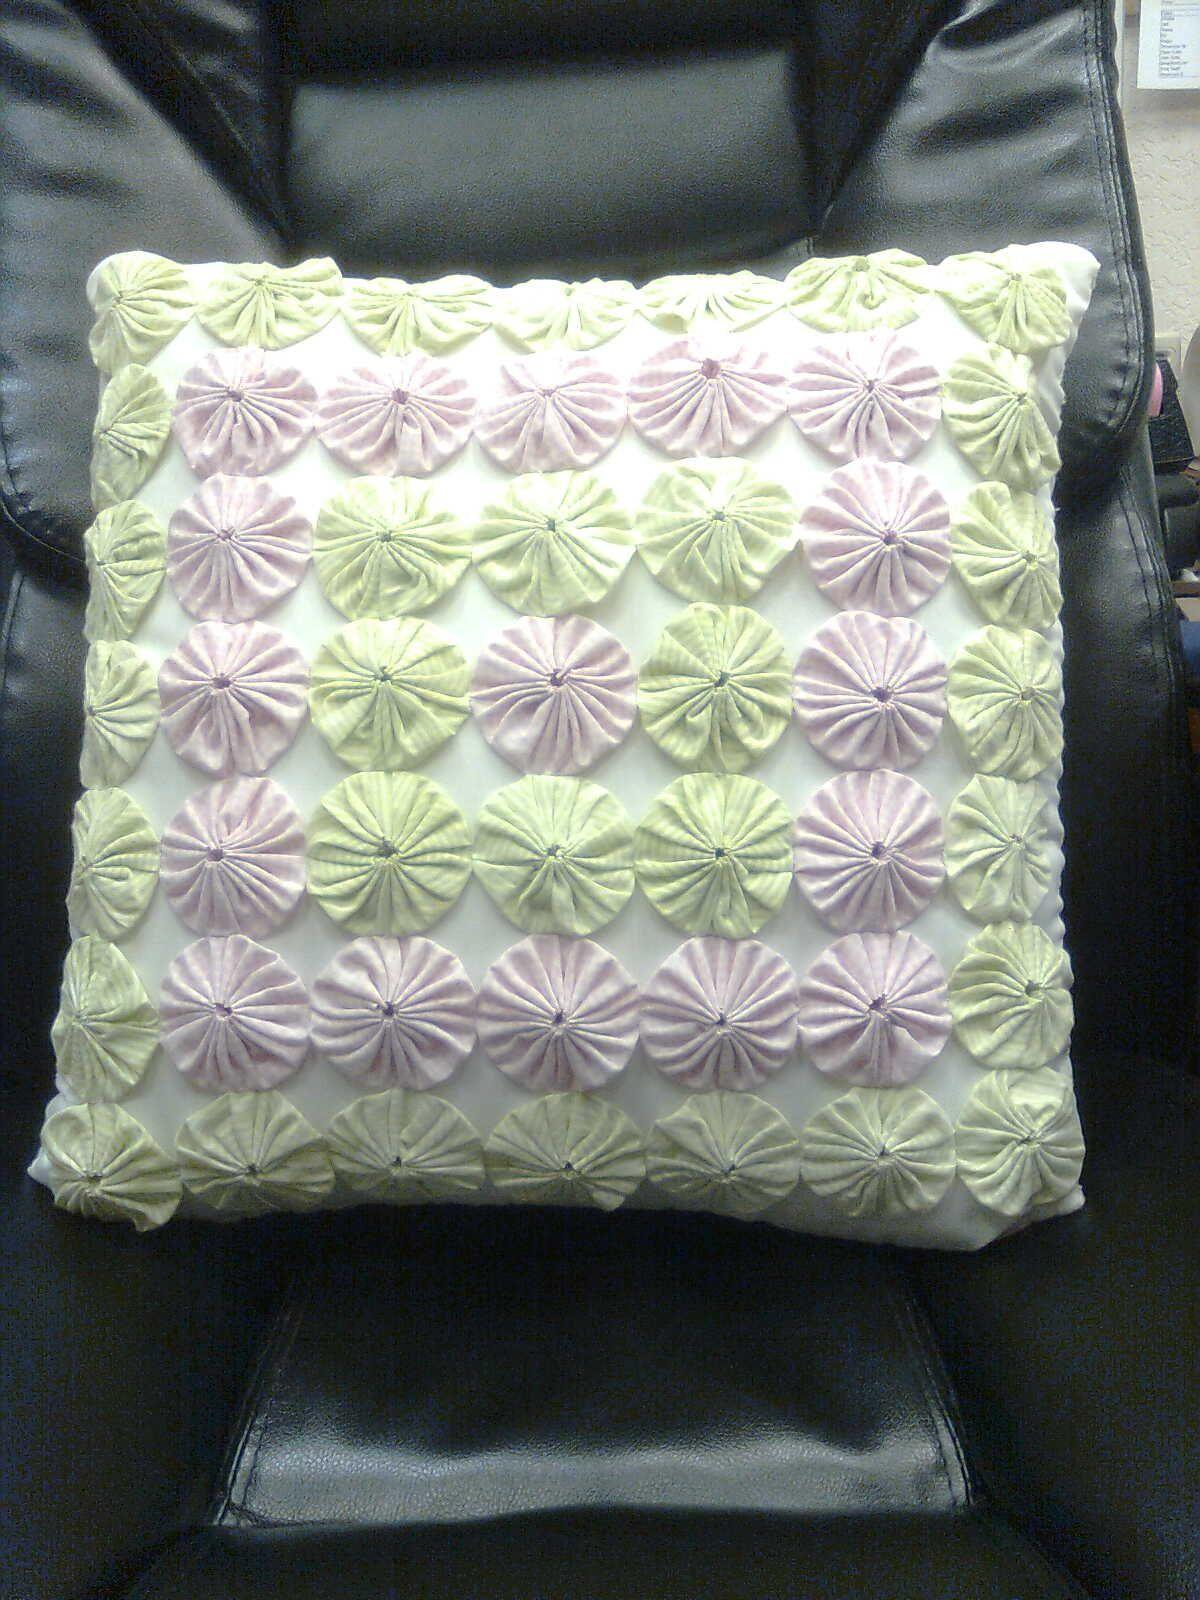 Fuxico pateorck pinterest yo yo pillows and room